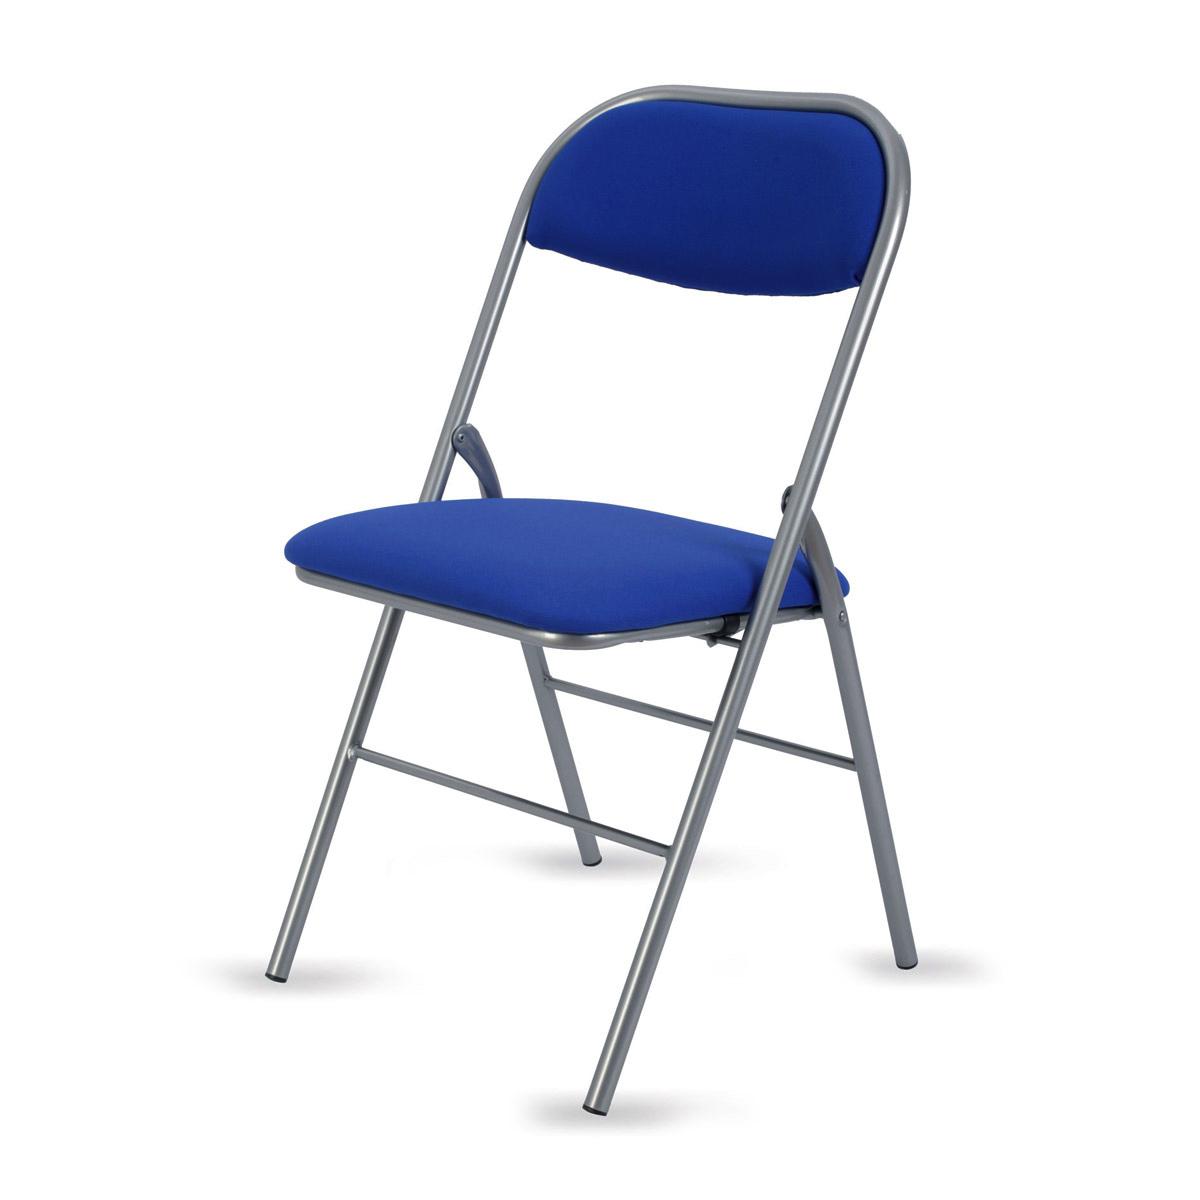 prt simmis chaises et fauteuils de bureau et collectivit s. Black Bedroom Furniture Sets. Home Design Ideas